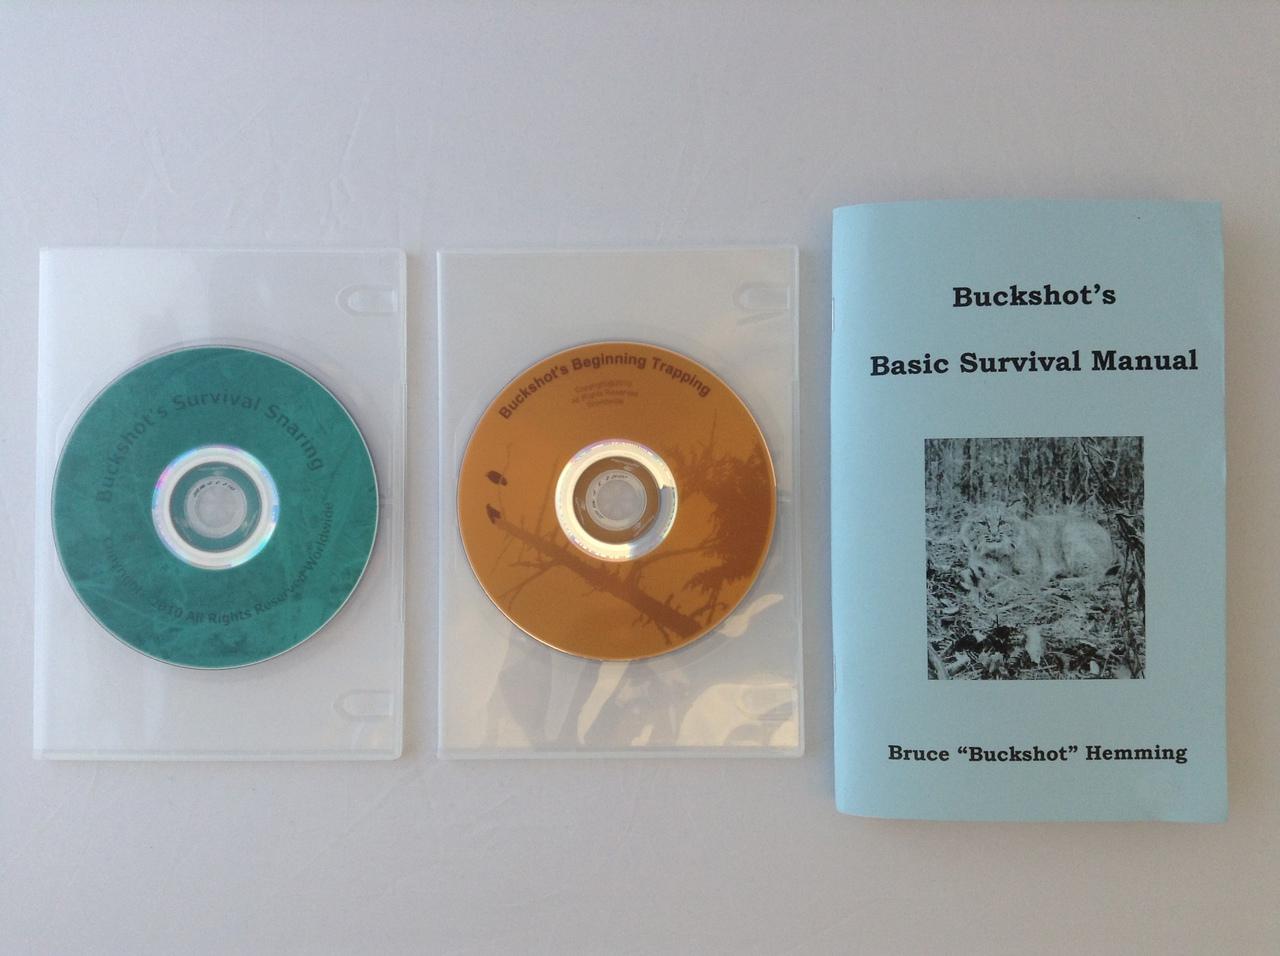 Buckshot's Specials Package #3